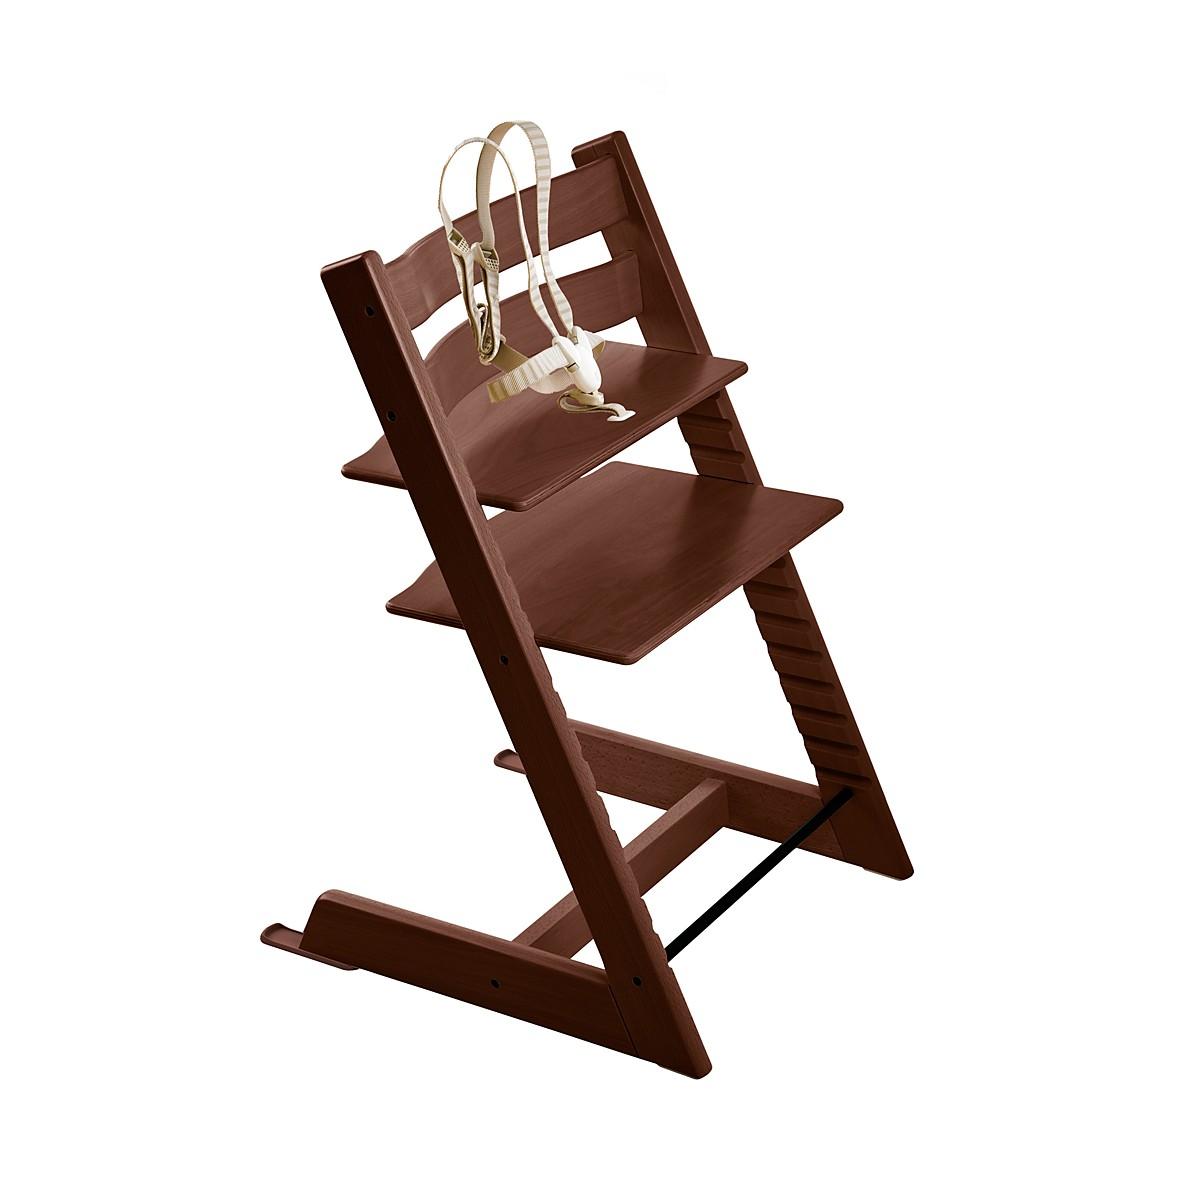 stokke tripp trapp high chair bloomingdale s